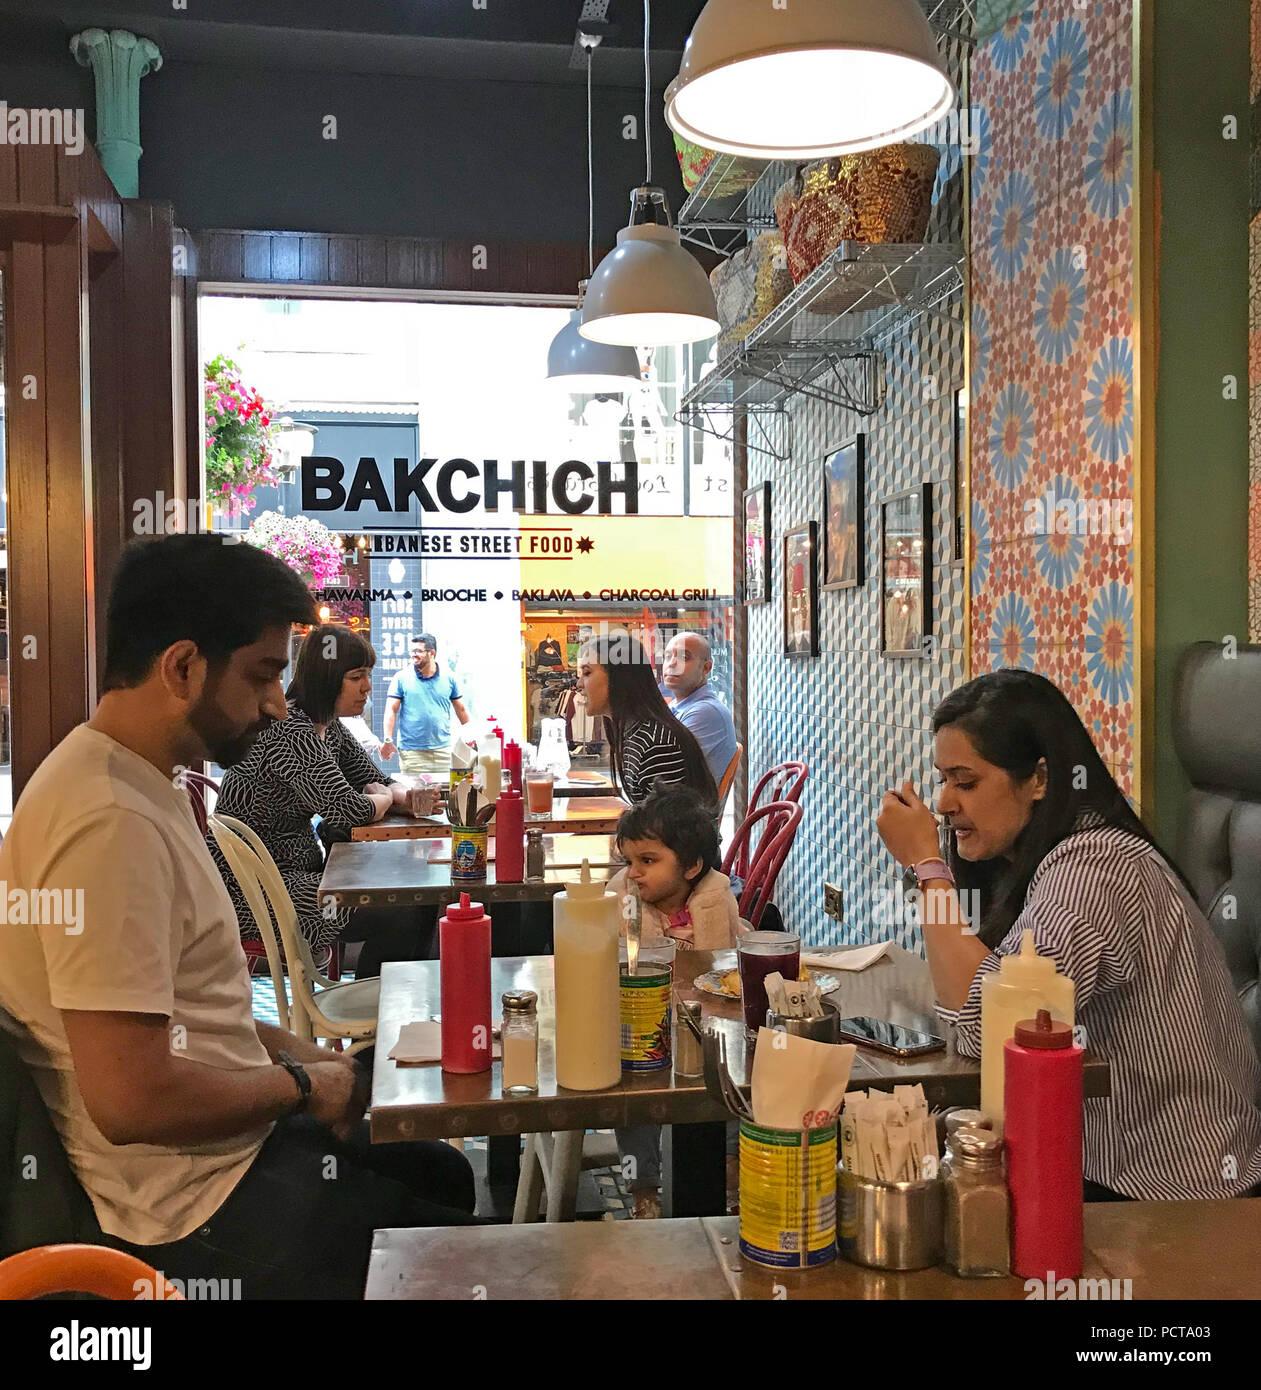 Laden Sie dieses Alamy Stockfoto Bakchich libanesisches Restaurant, 54 Bold St, Liverpool, UK, L1 4ER - PCTA03